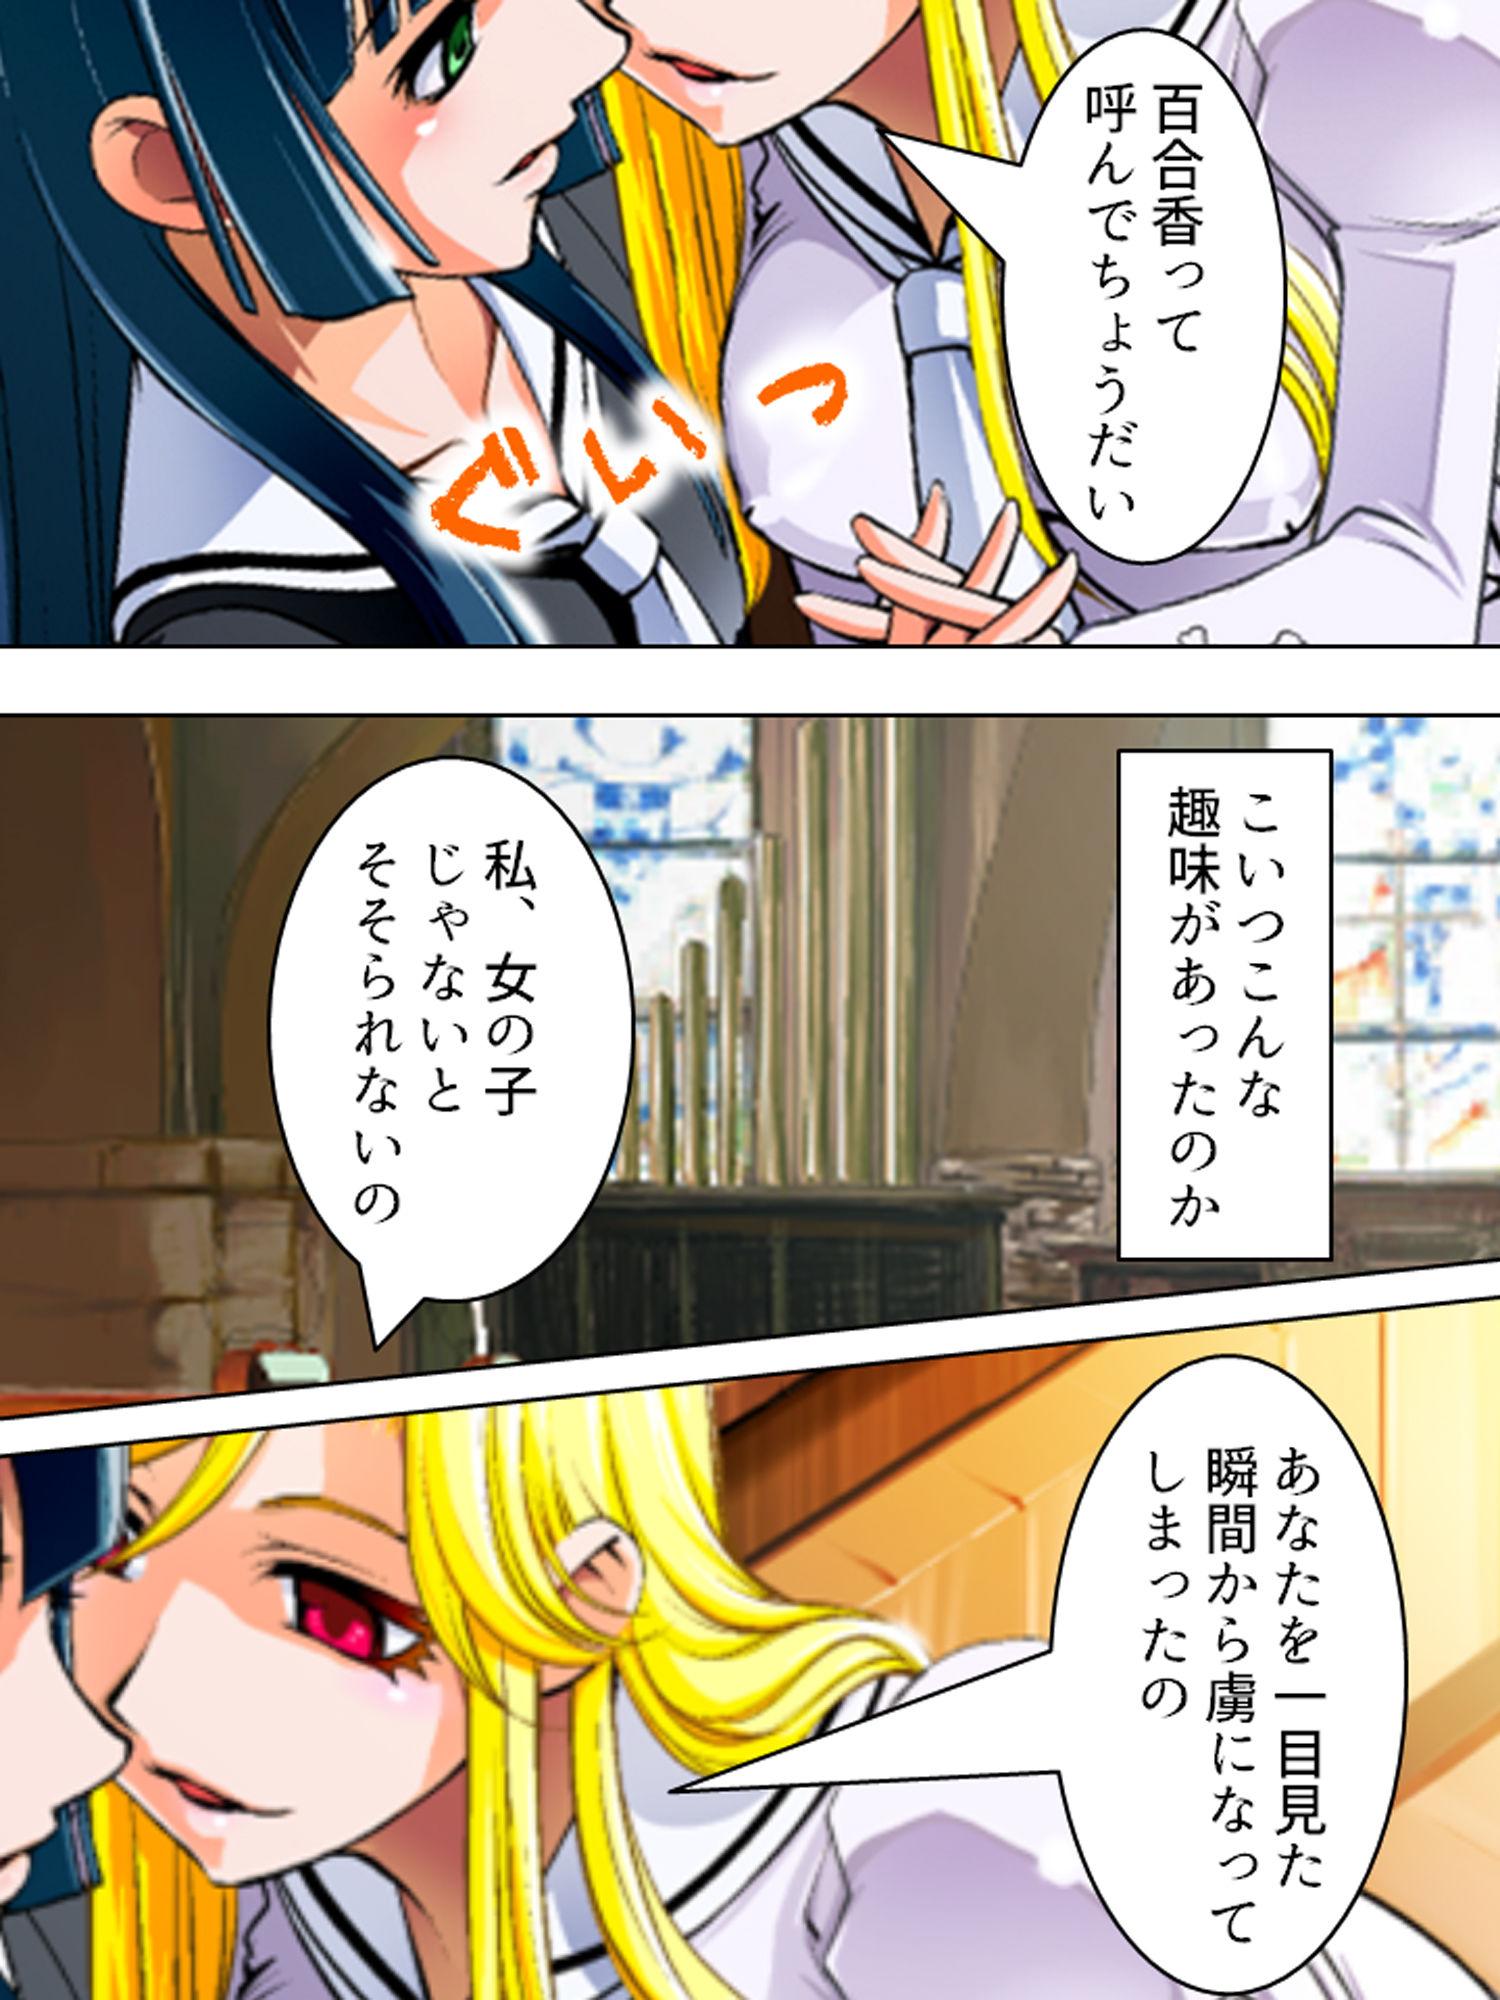 【悶々堂 同人】キモオタ教師の復讐!麗しき女会長、恥辱の強●絶頂